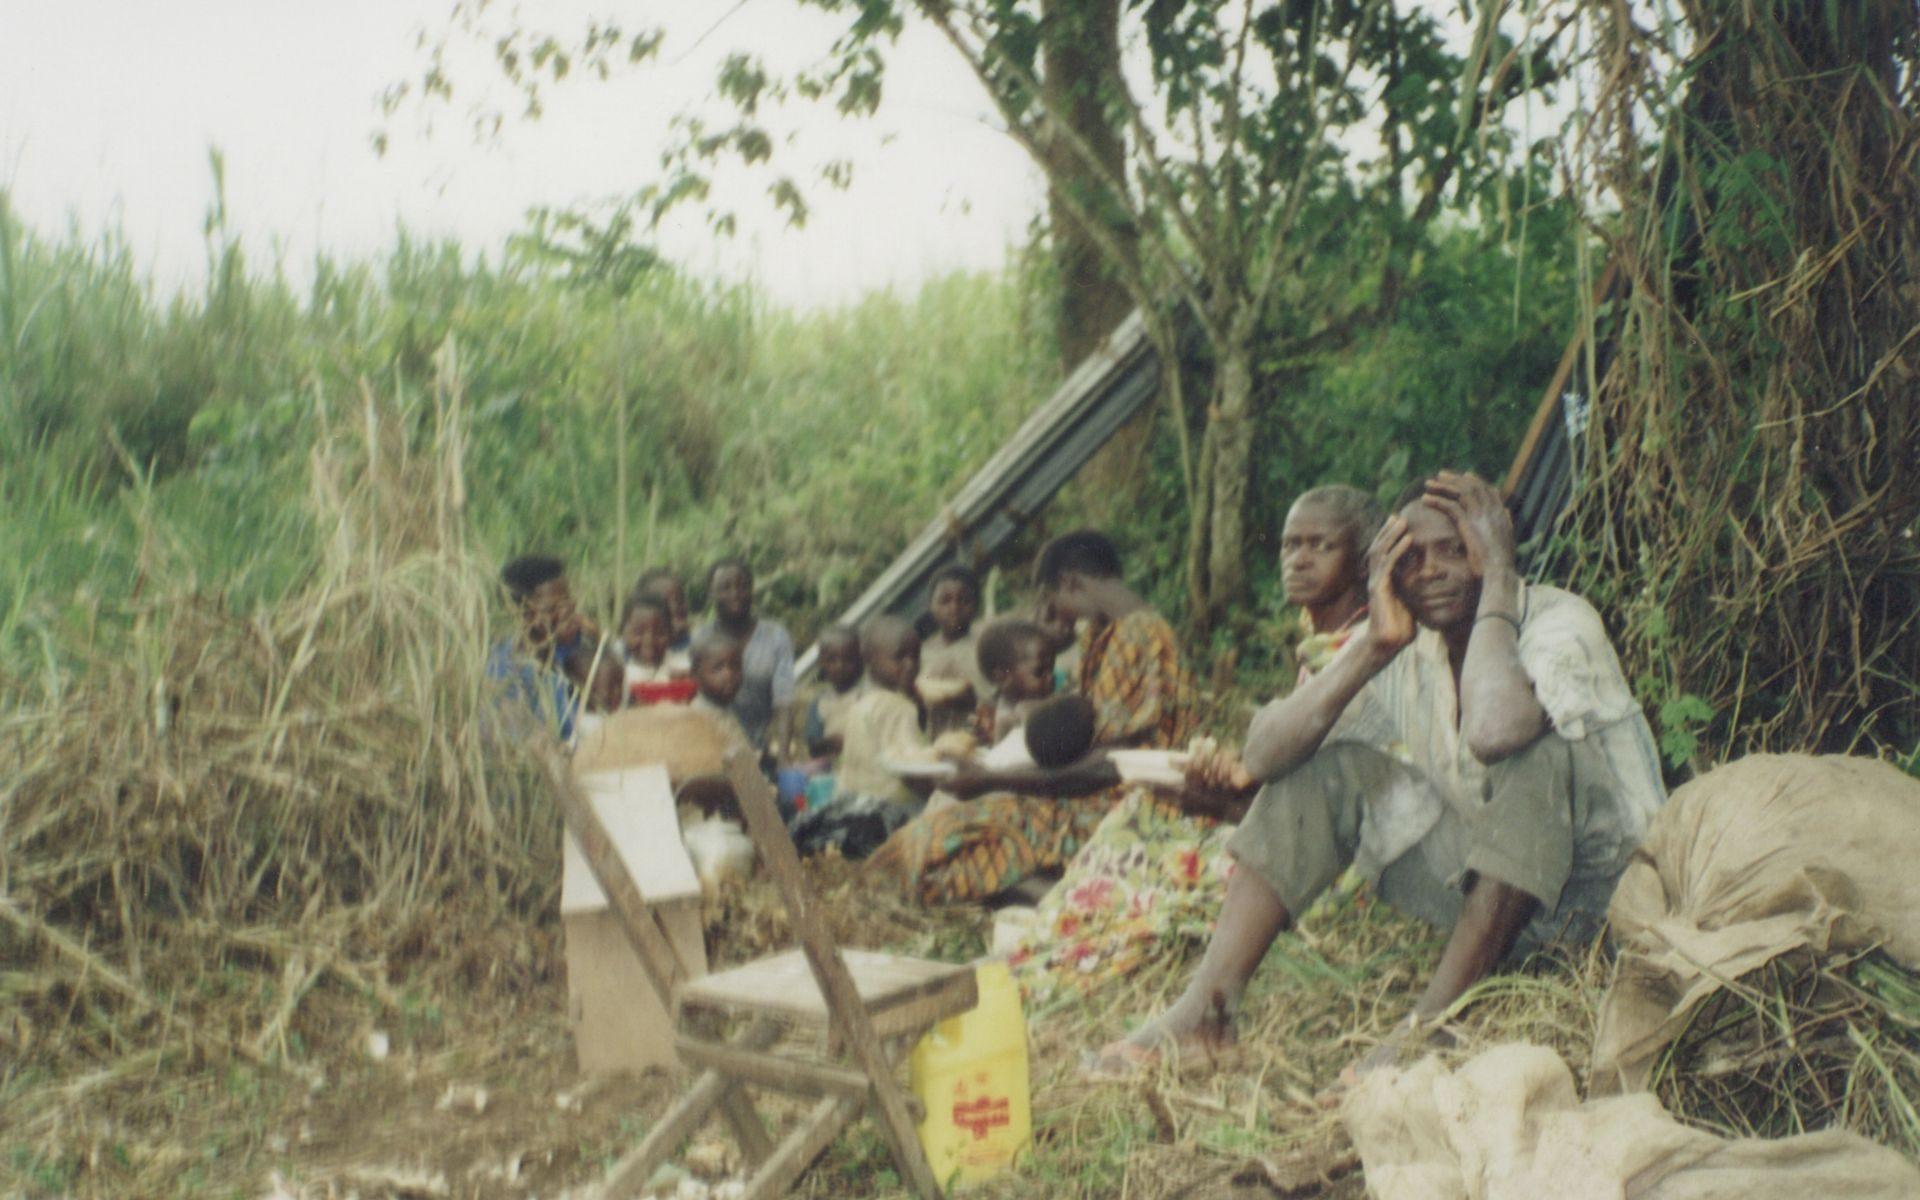 Foto einre Filmszene: afrikanische Menschen auf dem Boden sitzend vor einem Baum, Busch im Hintergrund